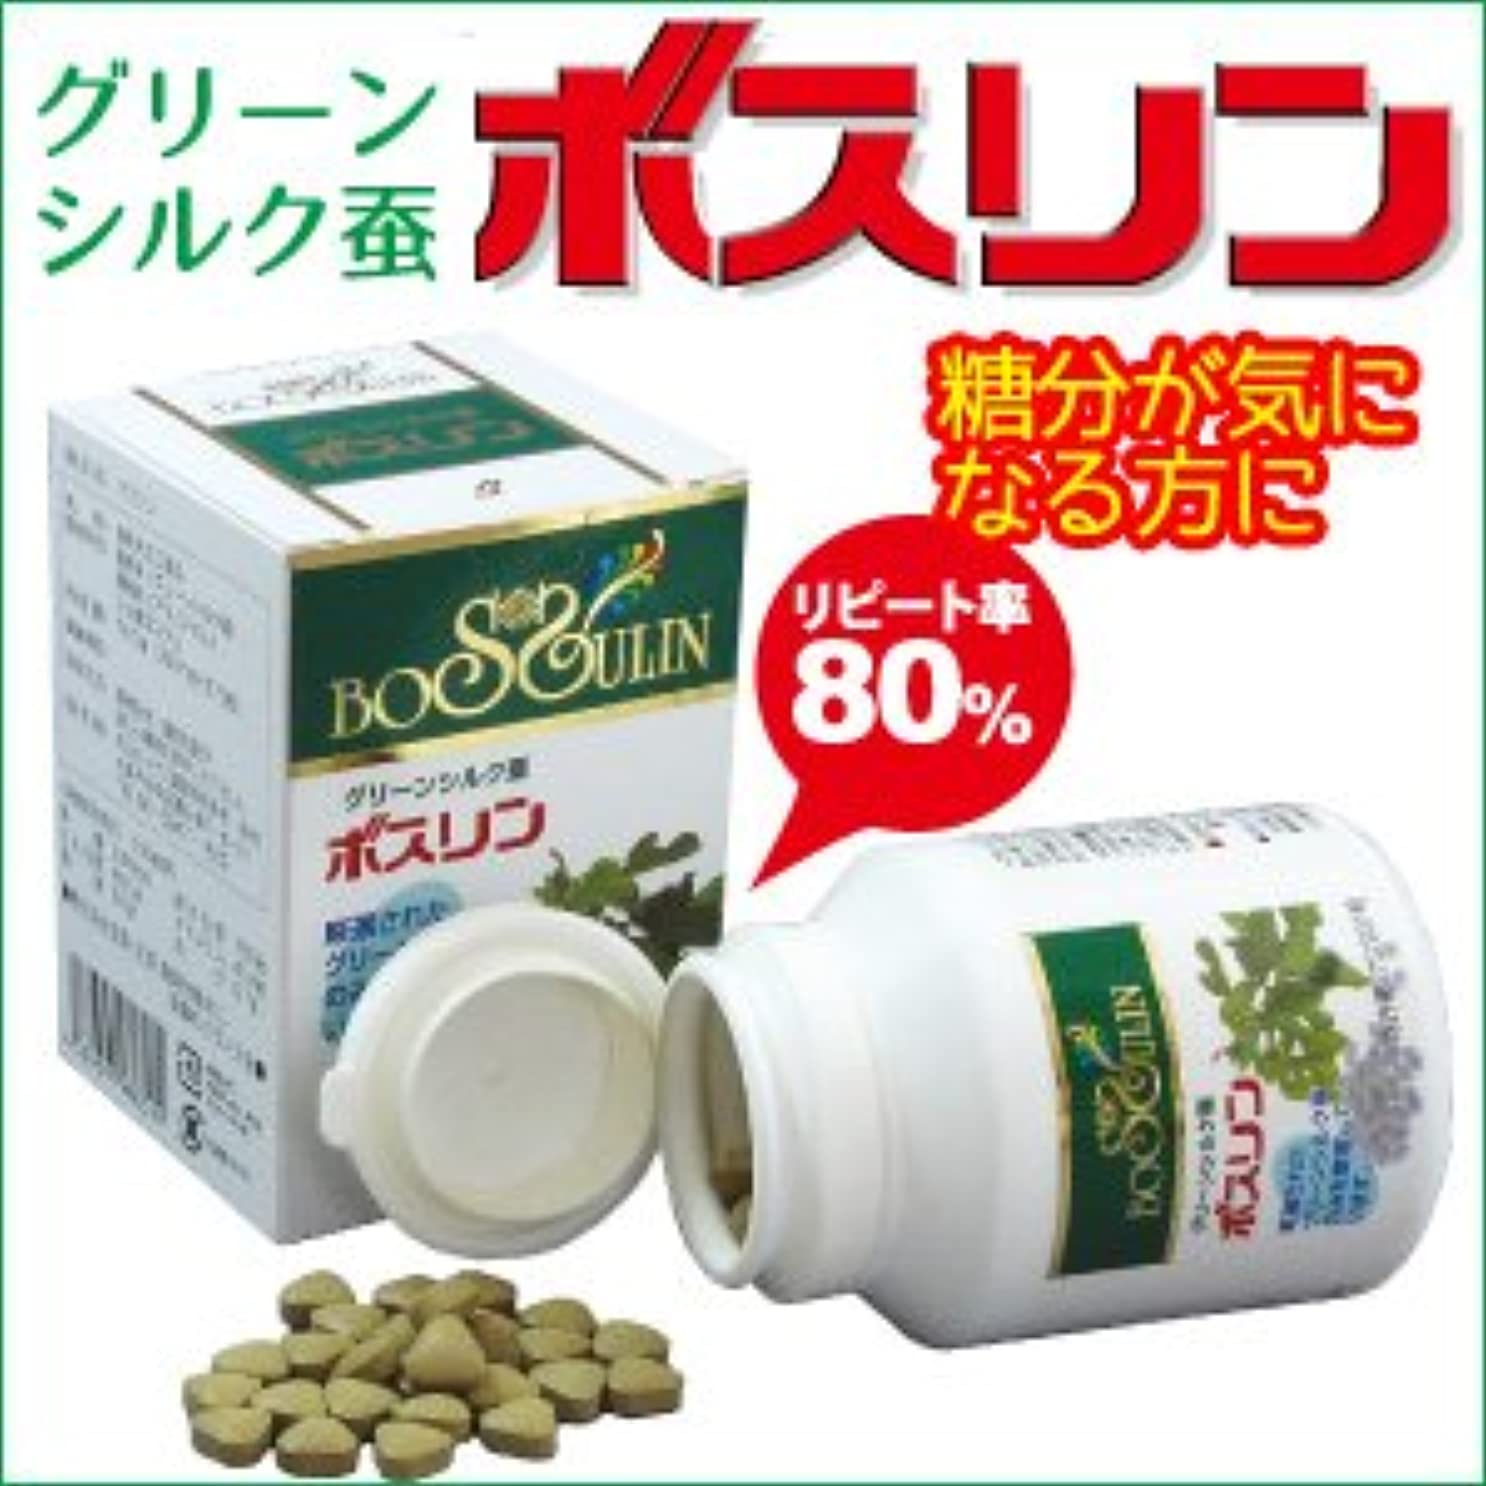 宣伝サンダル座標ボスリン 桑の葉を主食とする厳選された蚕を使用したグリーンシルク蚕(蚕粉末)を配合!